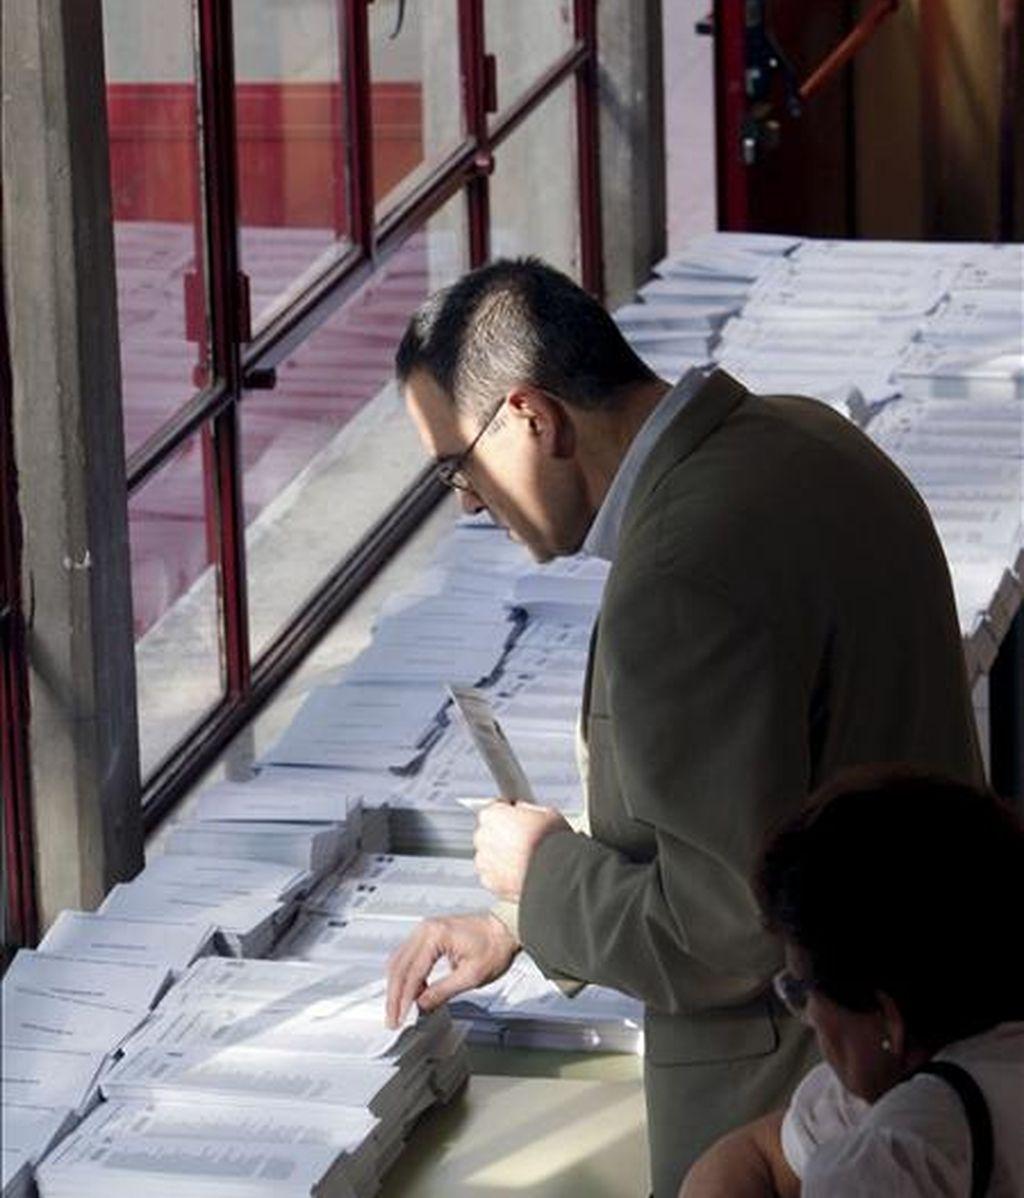 Un ciudadano elige las papeletas antes de ejercer su derecho al voto enlas elecciones al Parlamento Europeo, en el colegio Bernardette de Madrid. EFE/Archivo